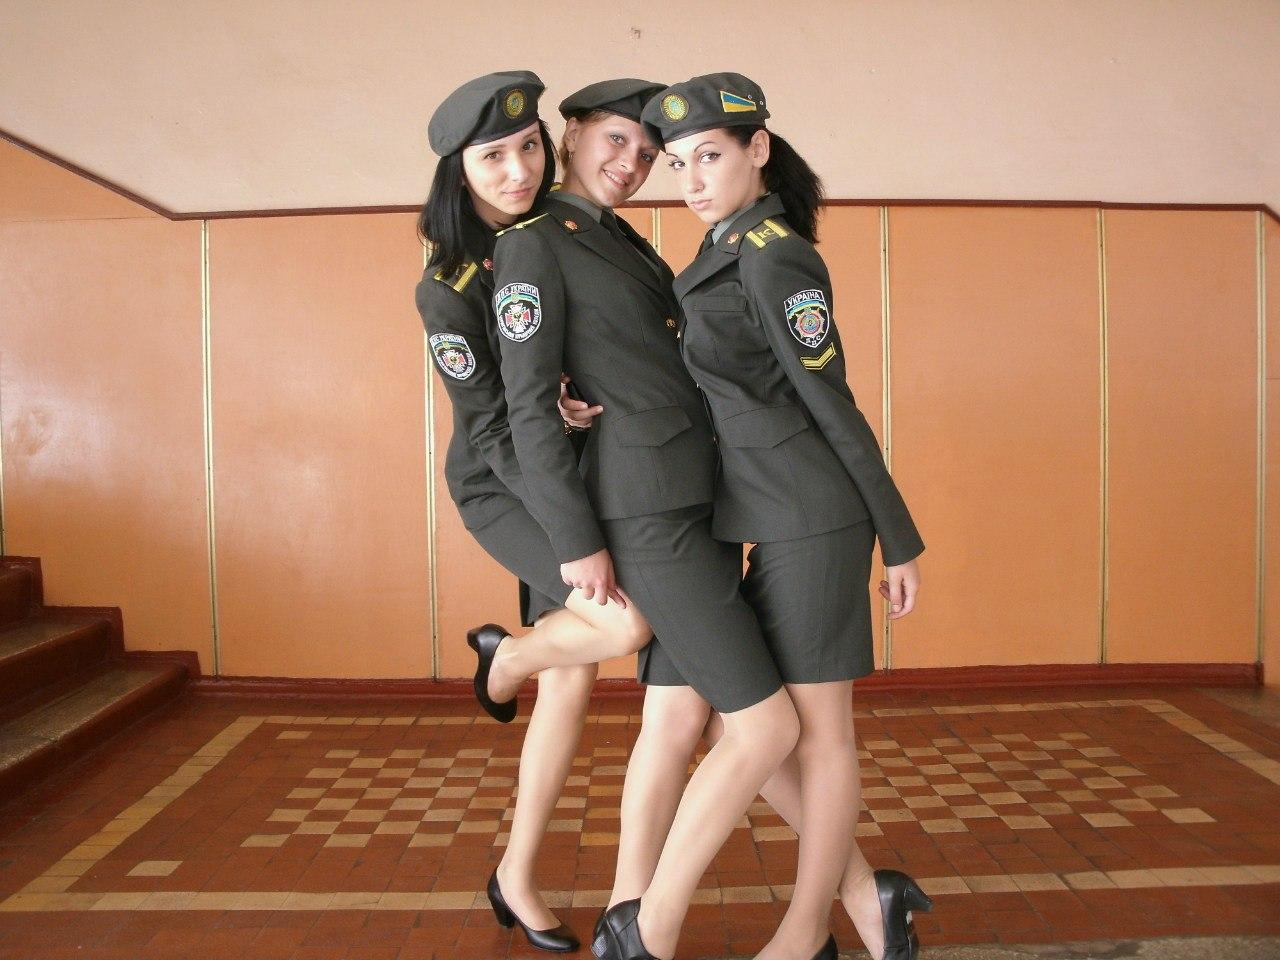 Фото женщин в милицейской форме 5 фотография